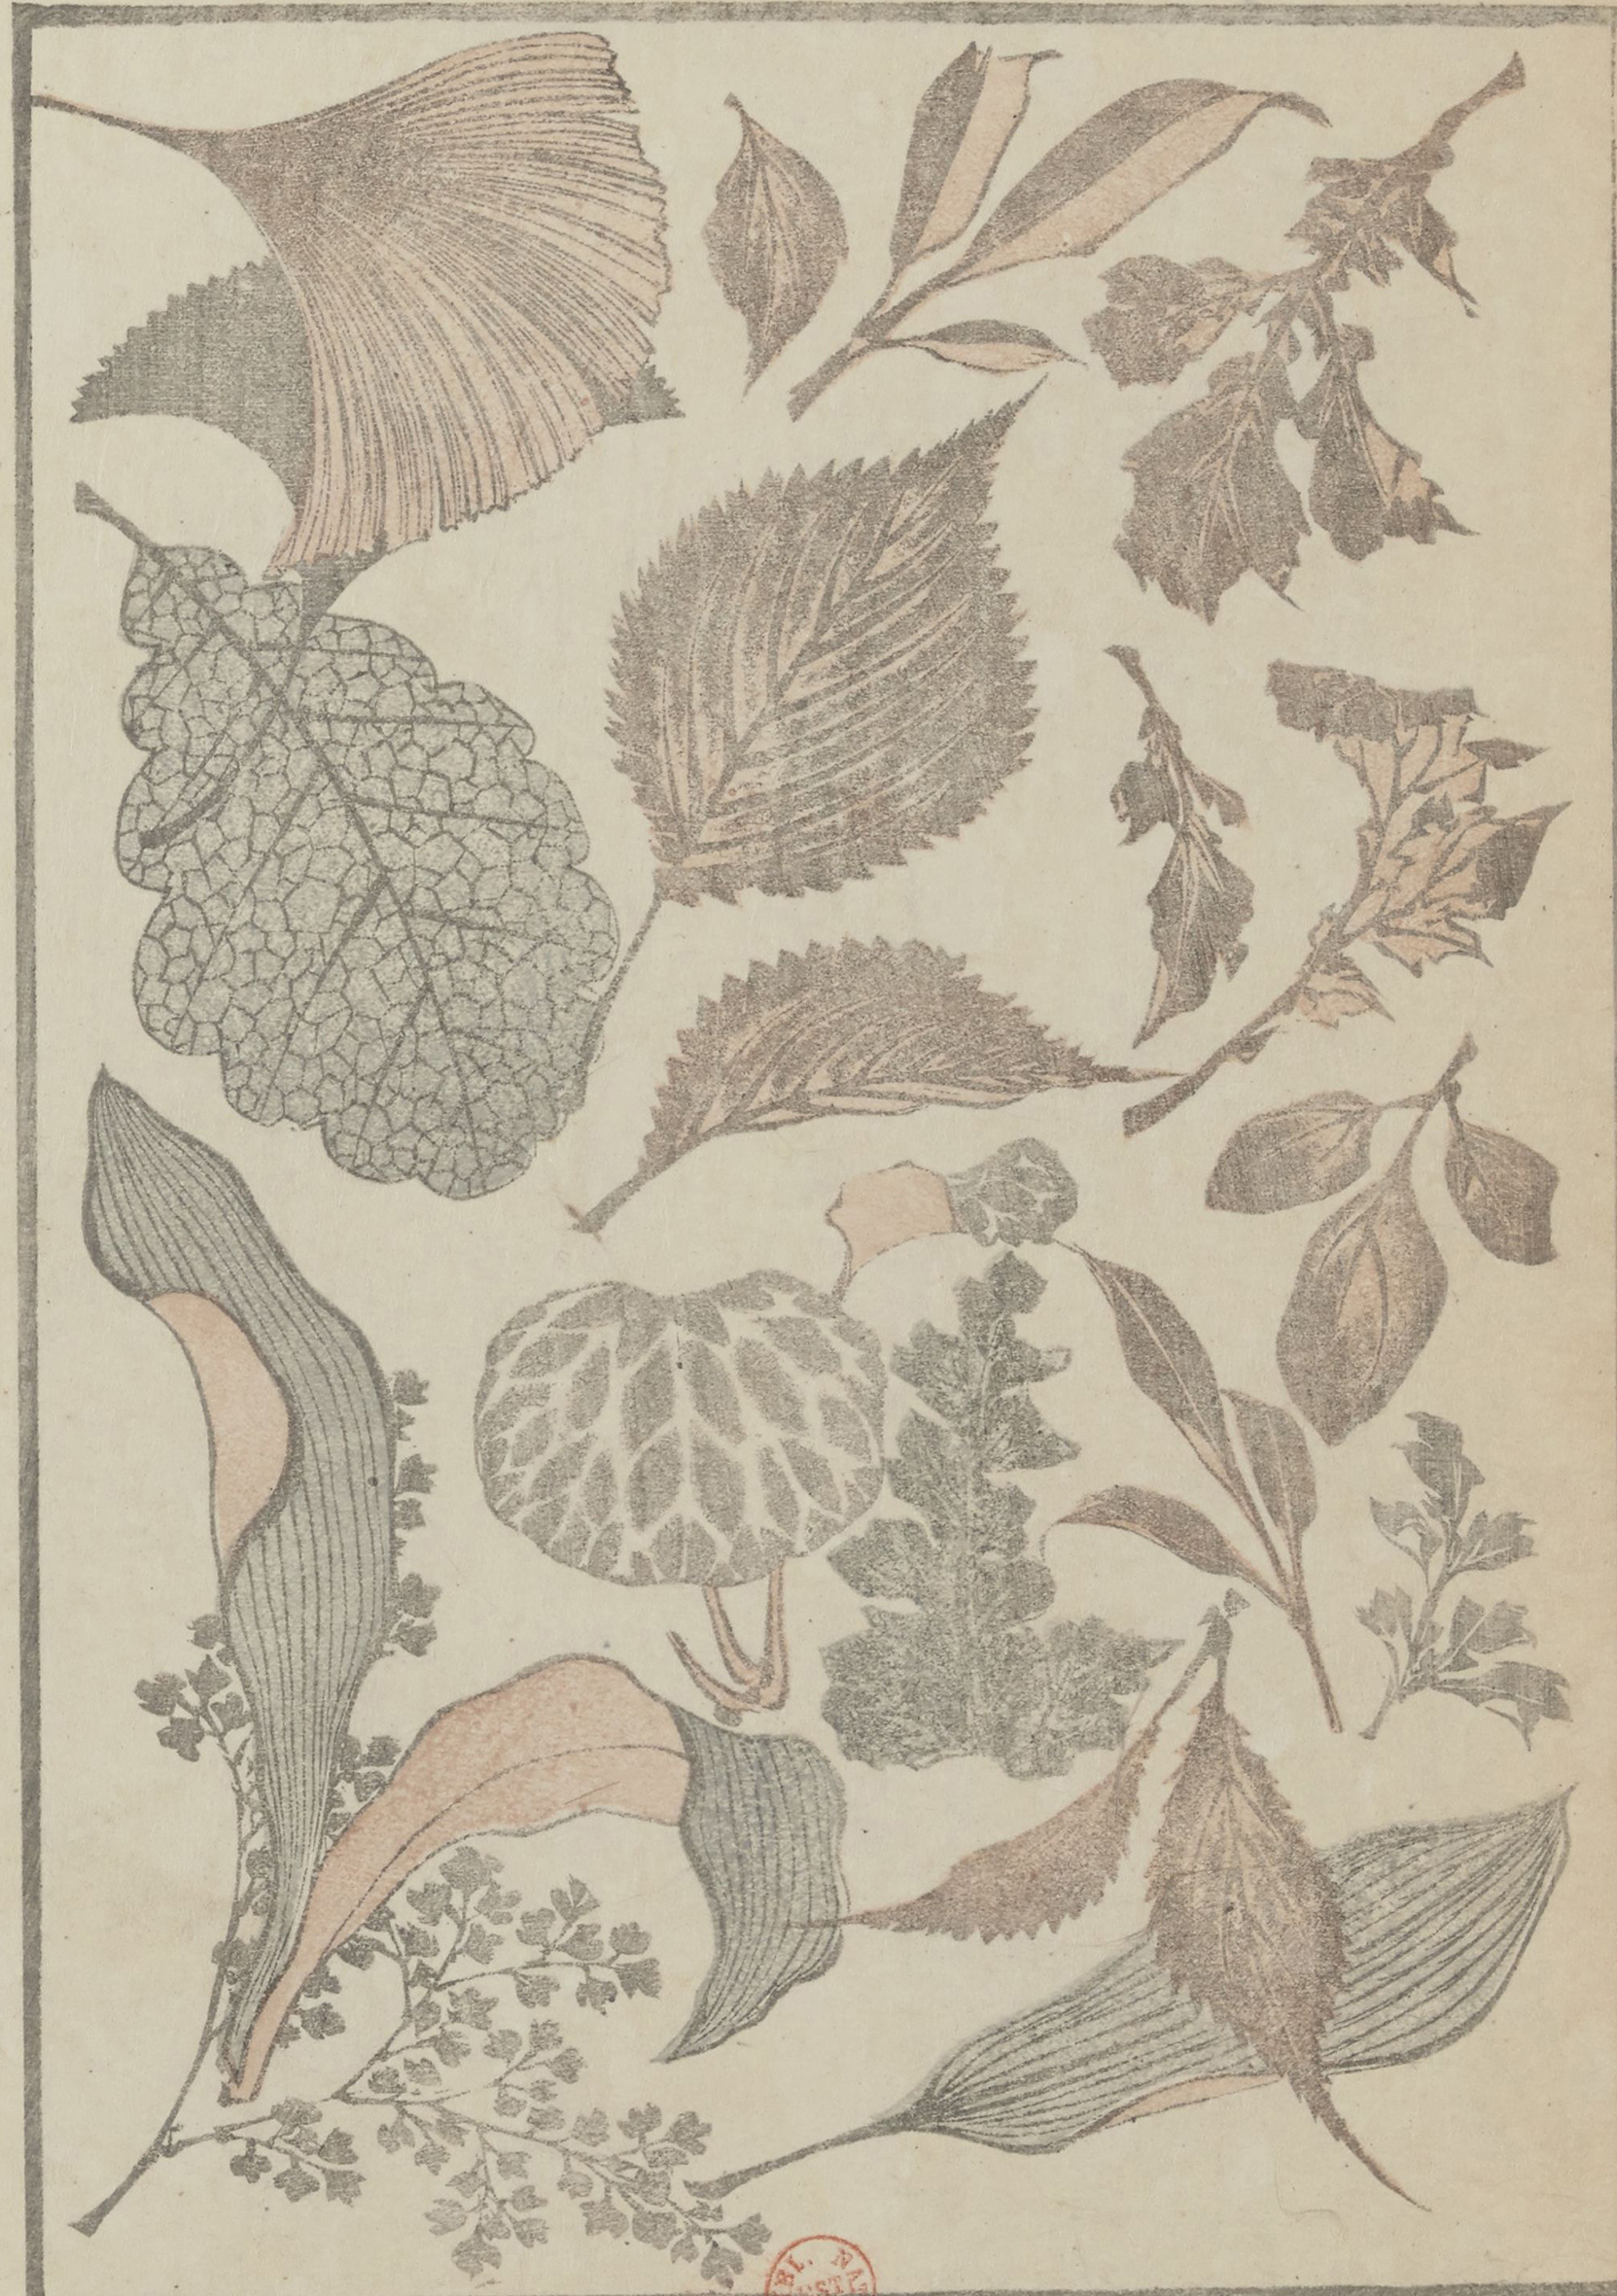 Feuilles -Vol3 du Livre manga de Hokusai